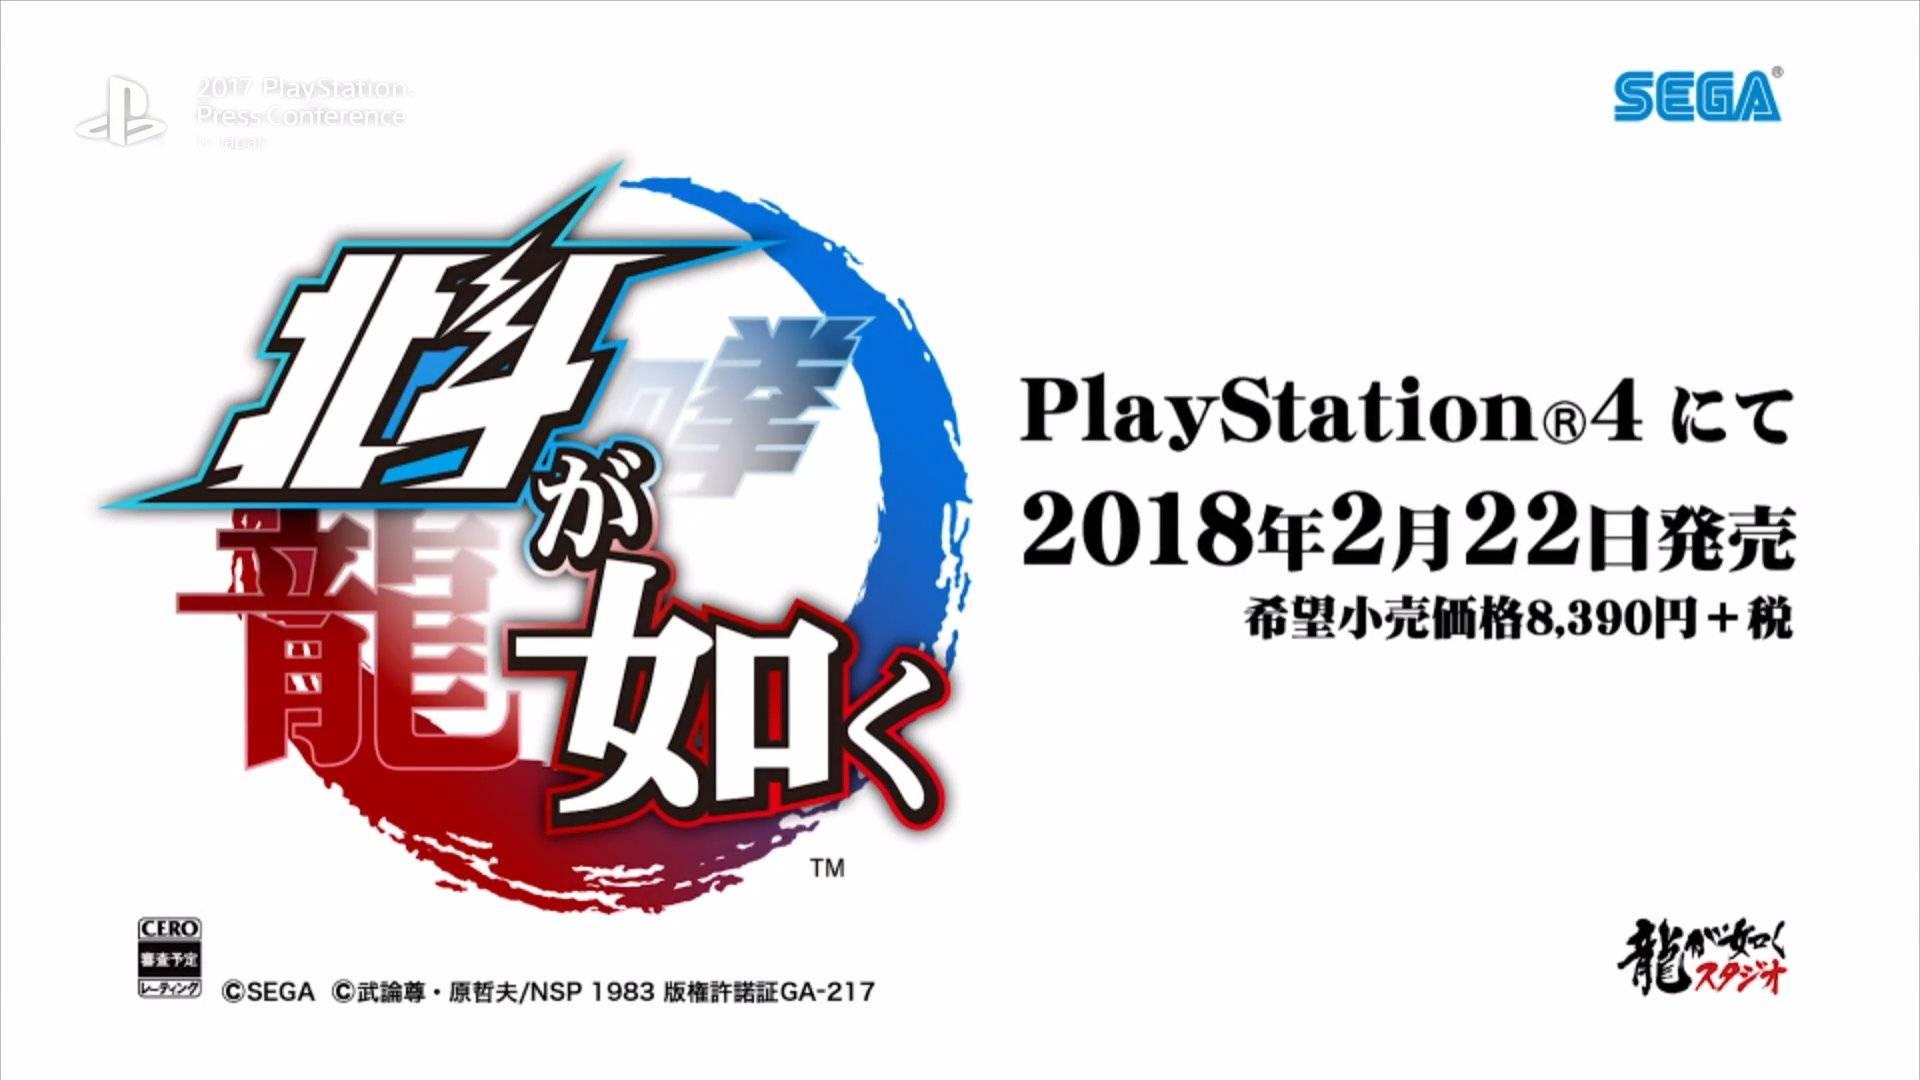 【悲報】PS4「北斗が如く」さん、海外でメチャクチャ酷評される・・・